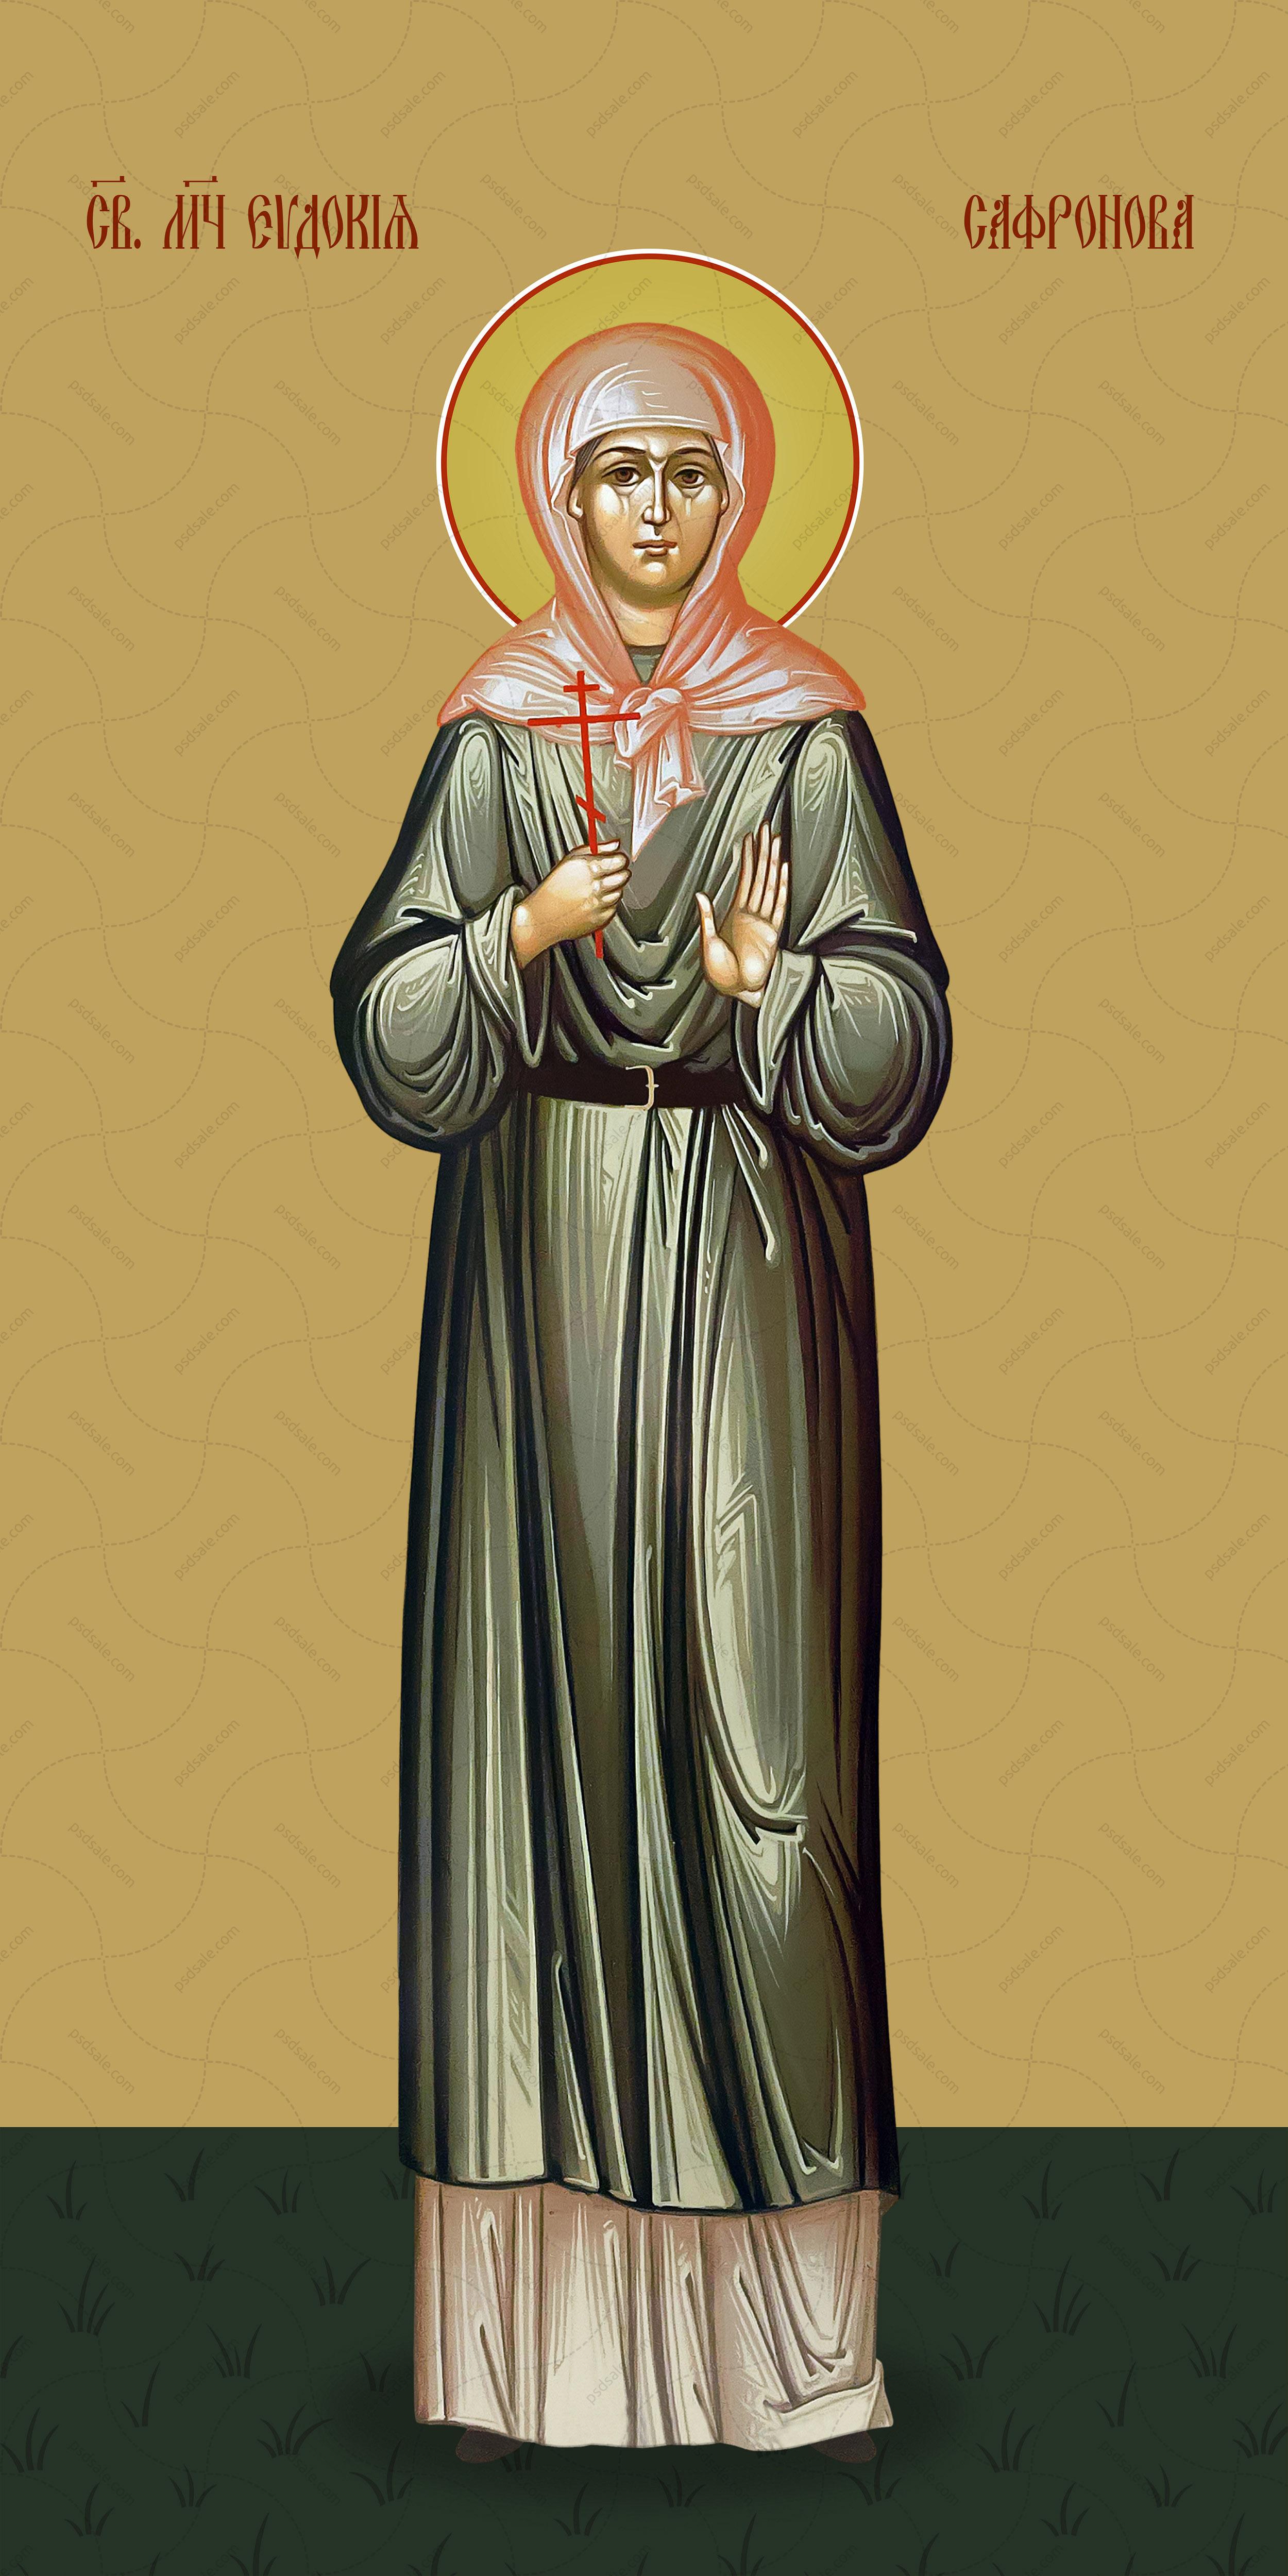 Мерная икона, Евдокия Сафронова, святая мученица